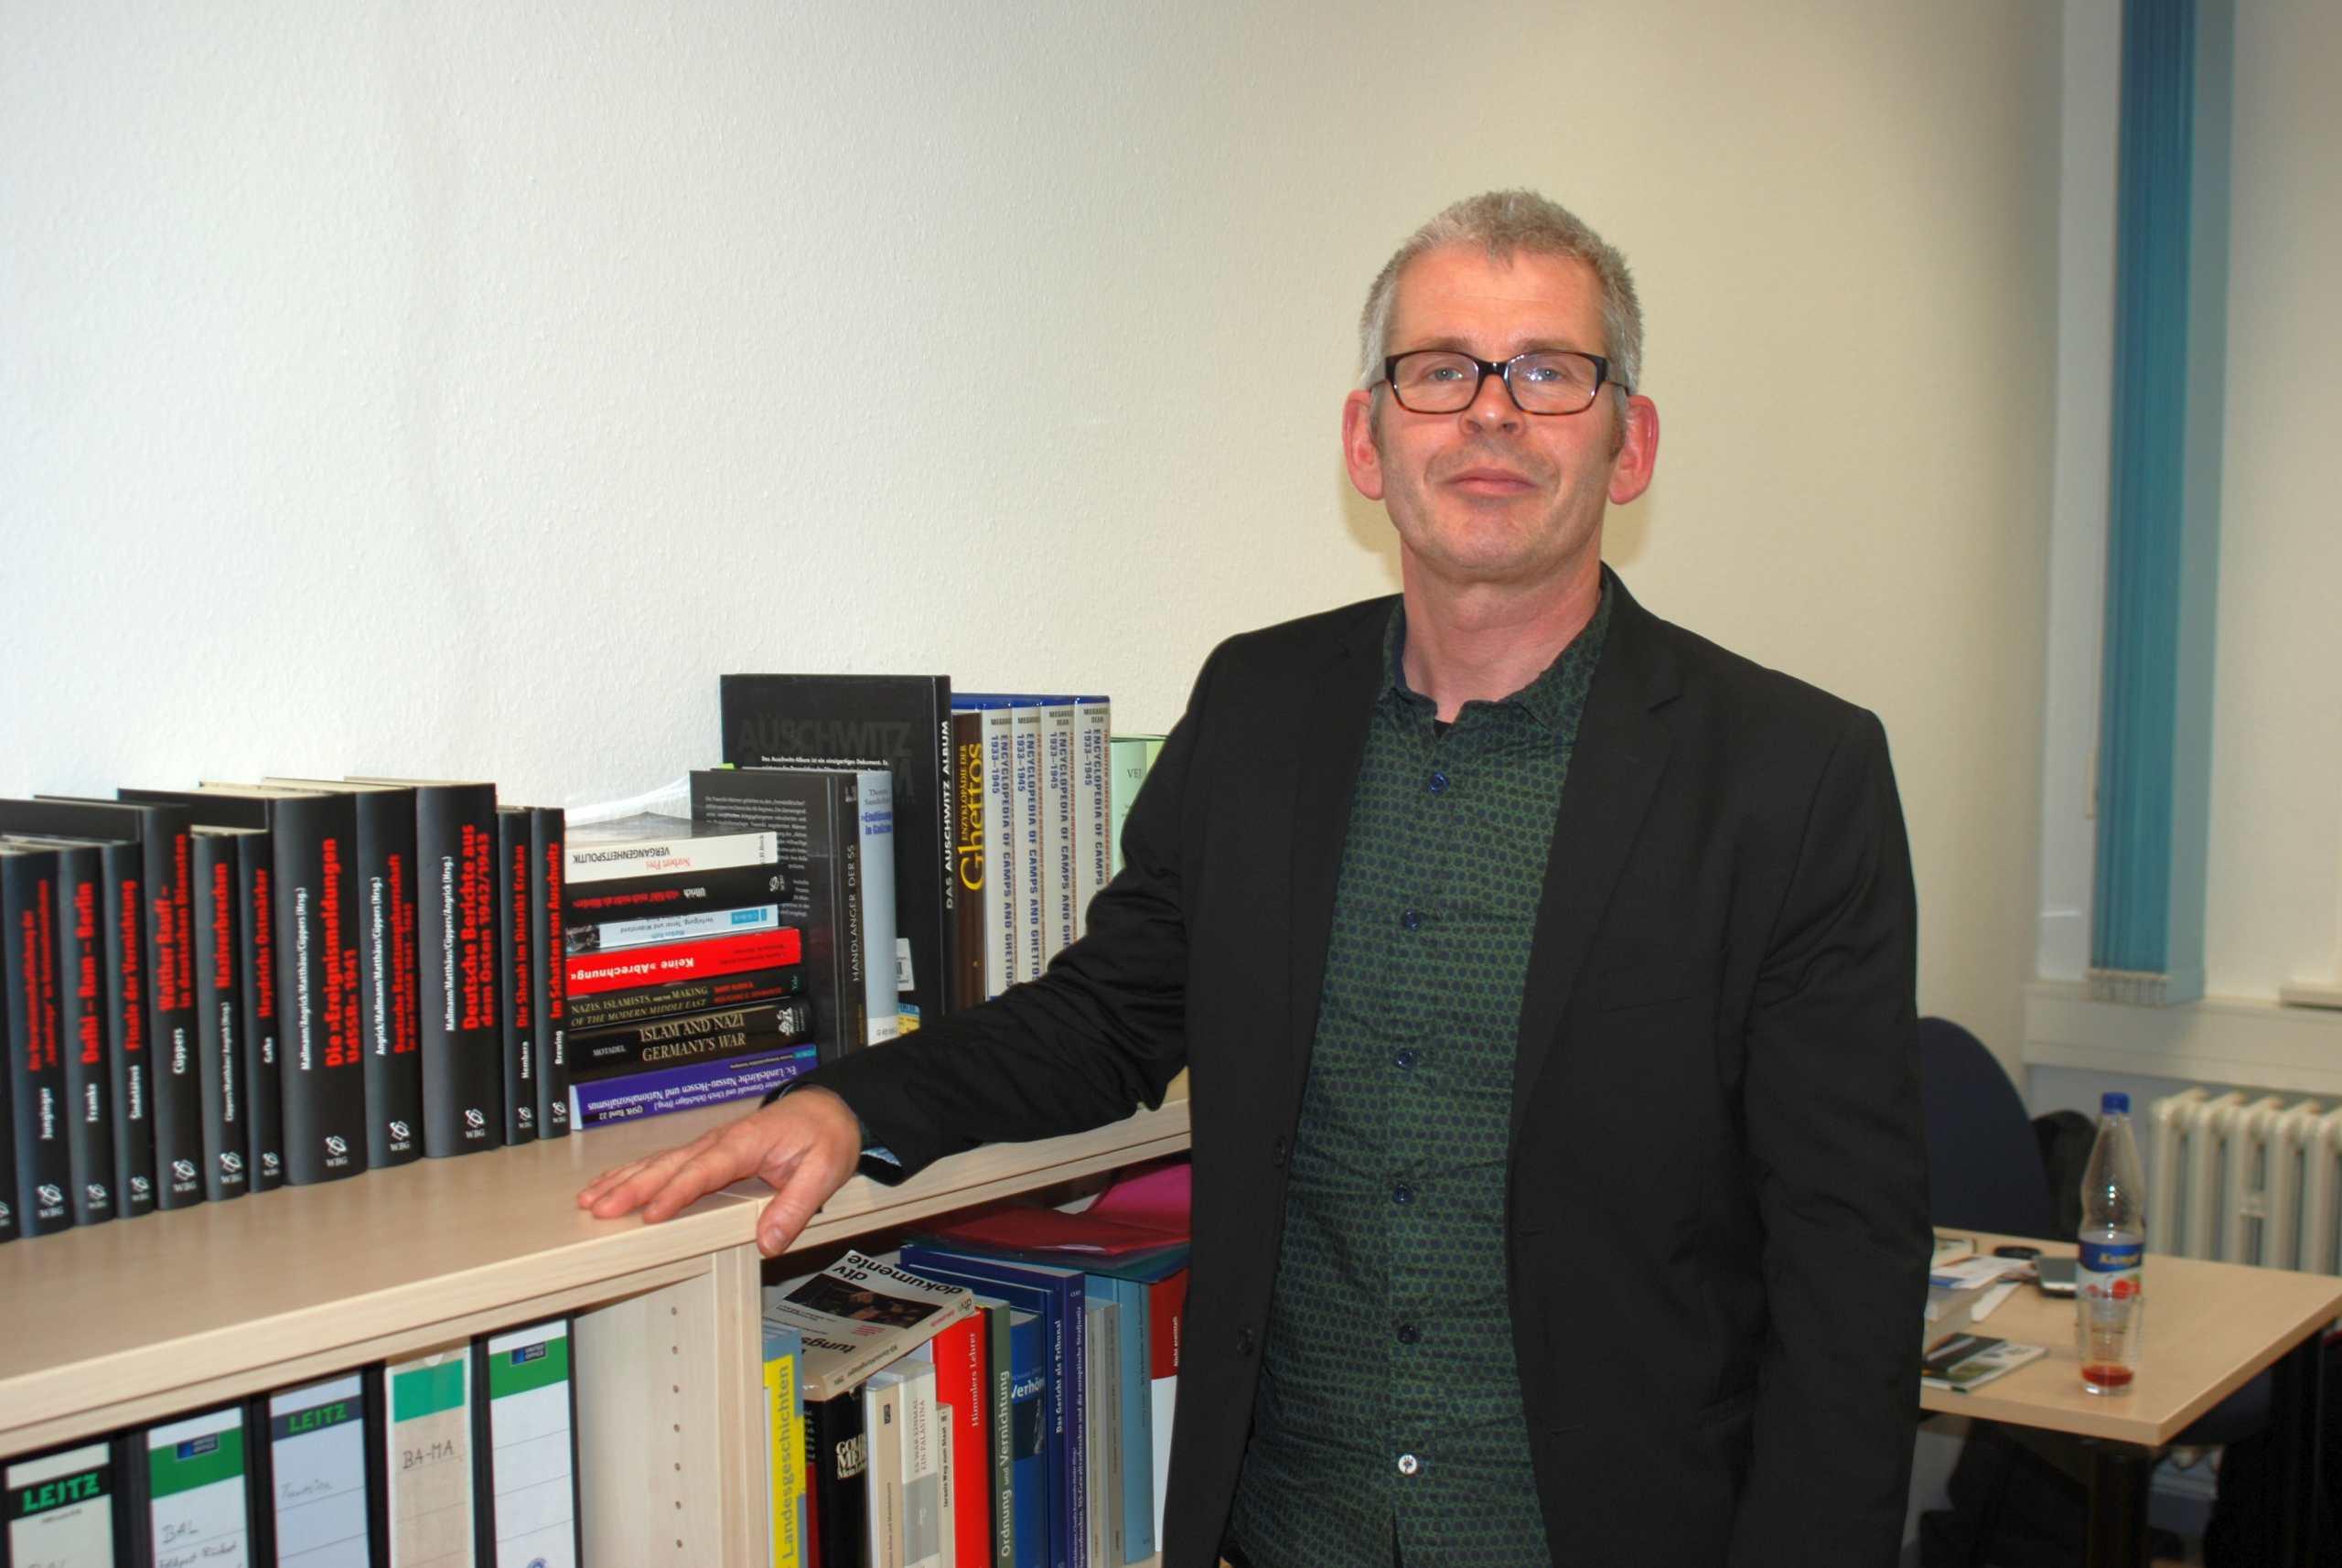 Martin Cüppers vor einem Bücherregal mit einschlägigen Werken über NS-Verbrechen